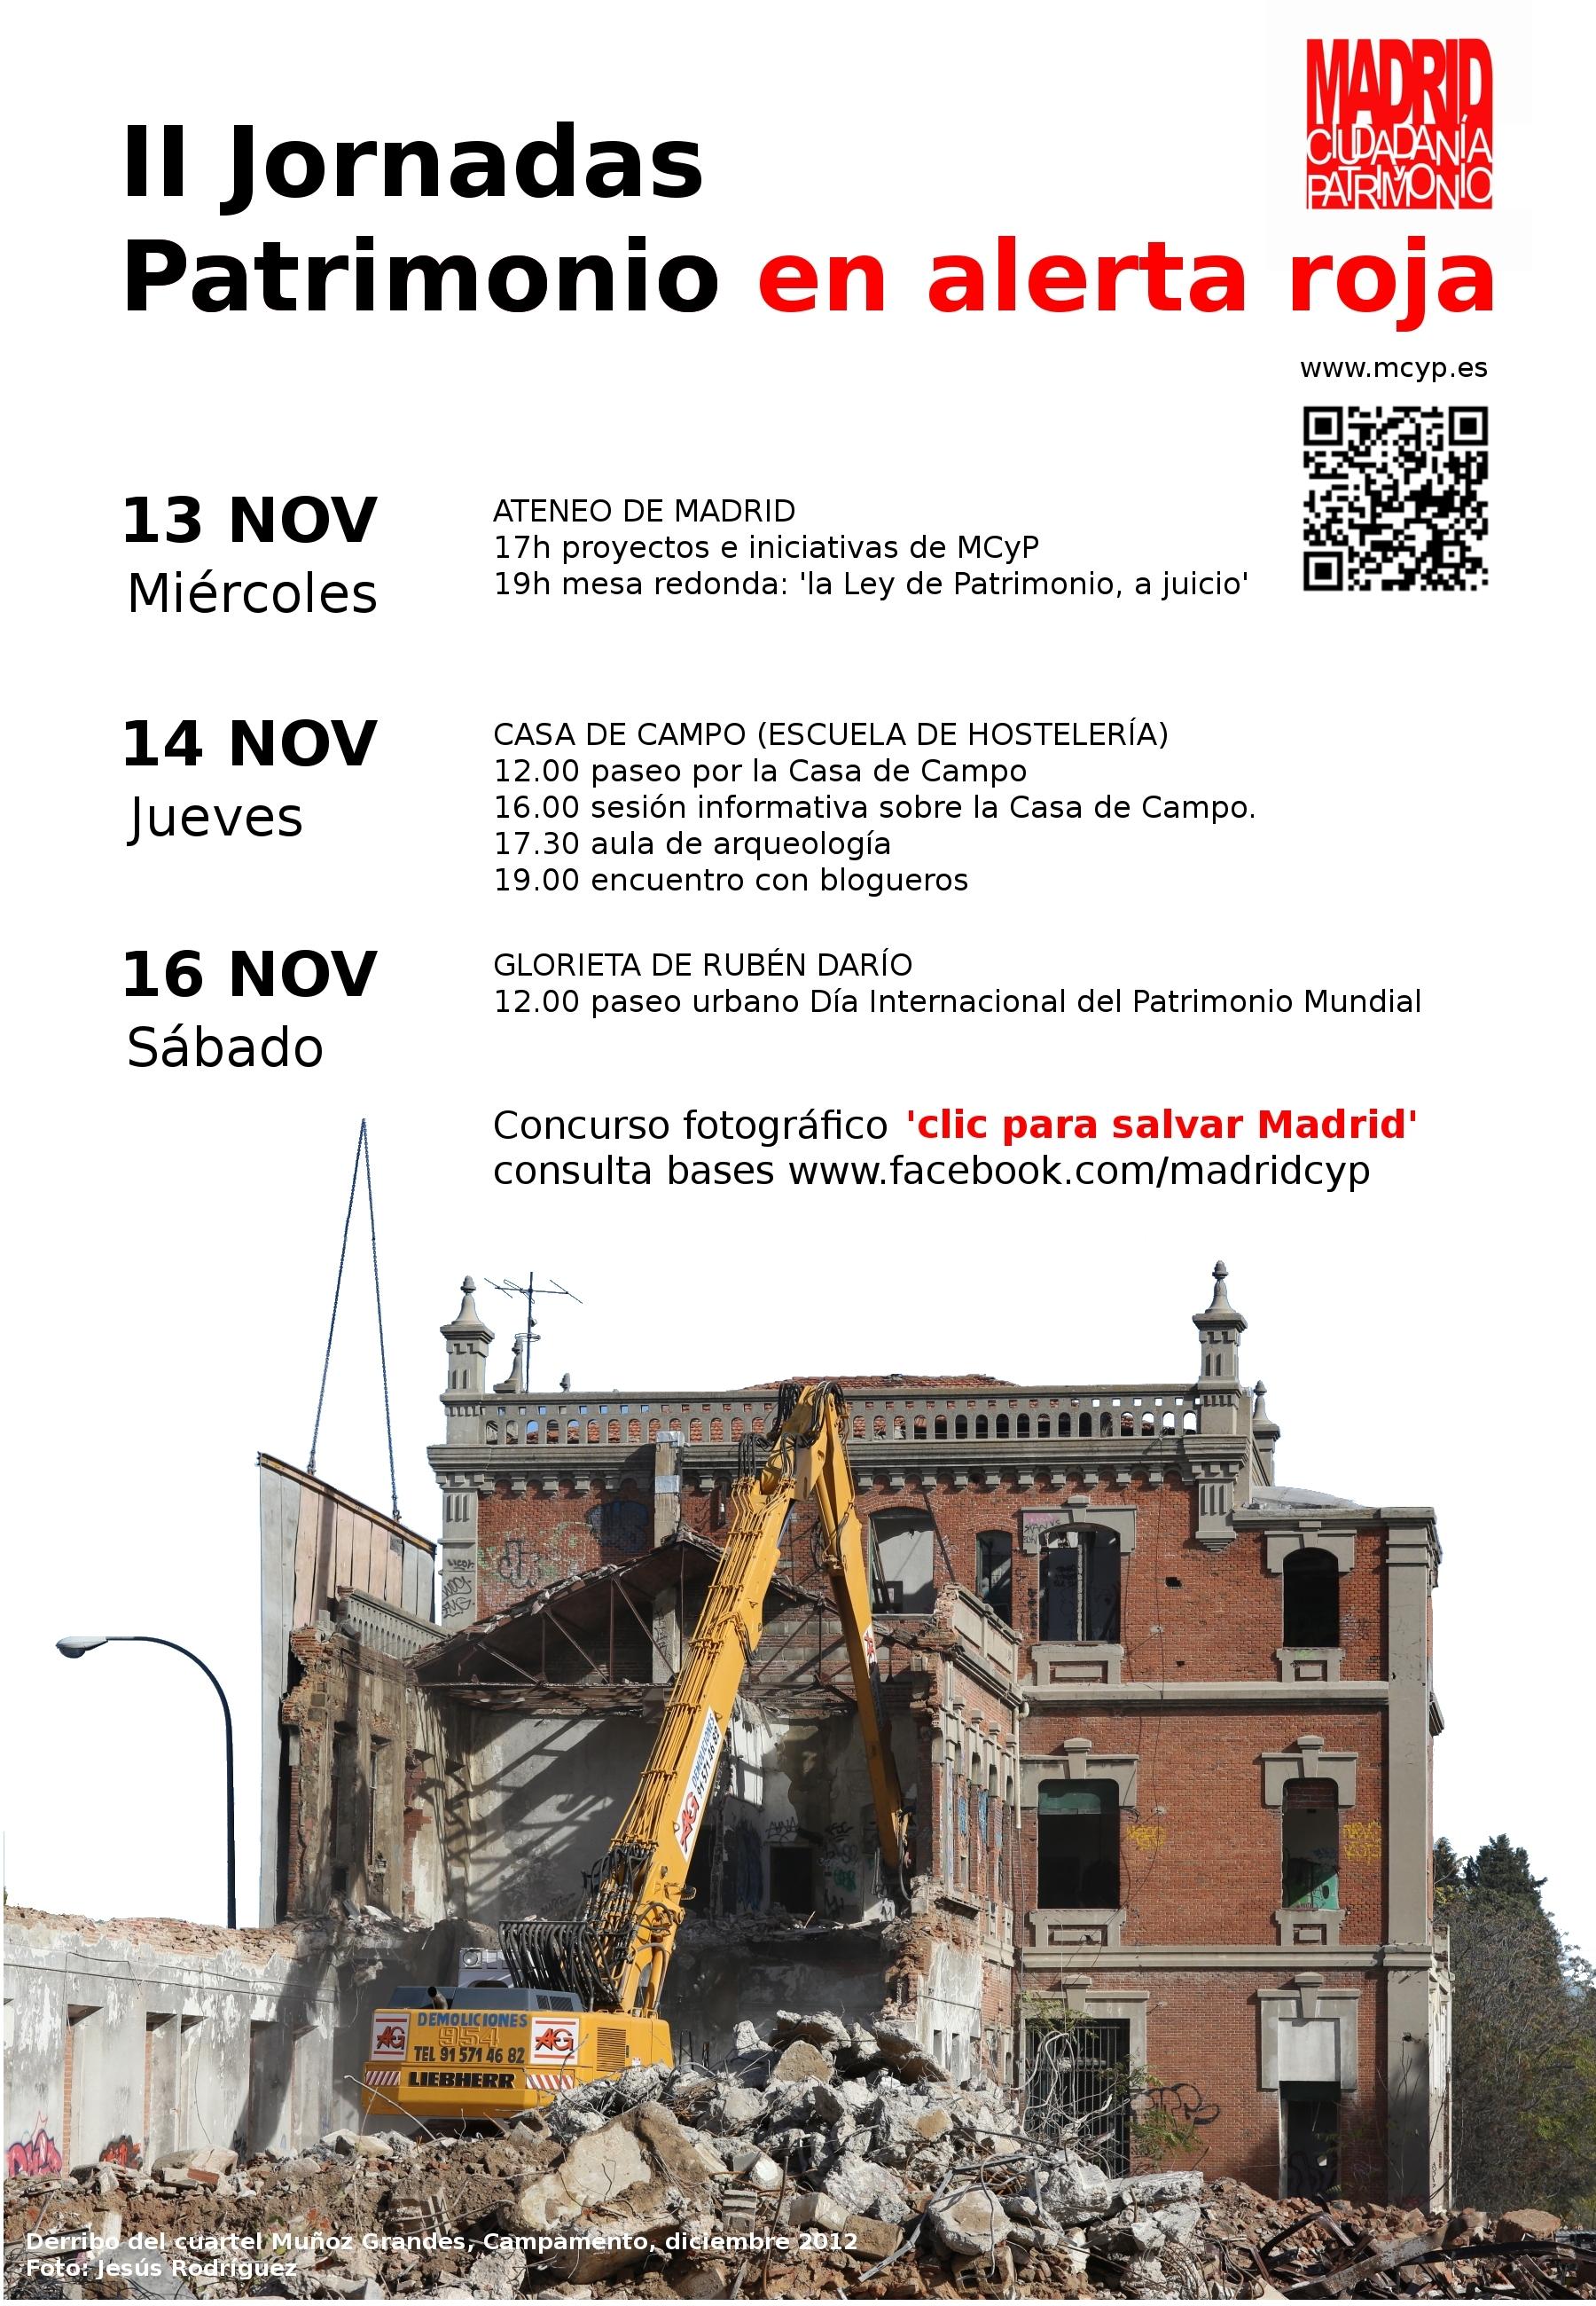 Cartel_Jornadas_Patrimonio_en_alerta_roja_1_.jpg